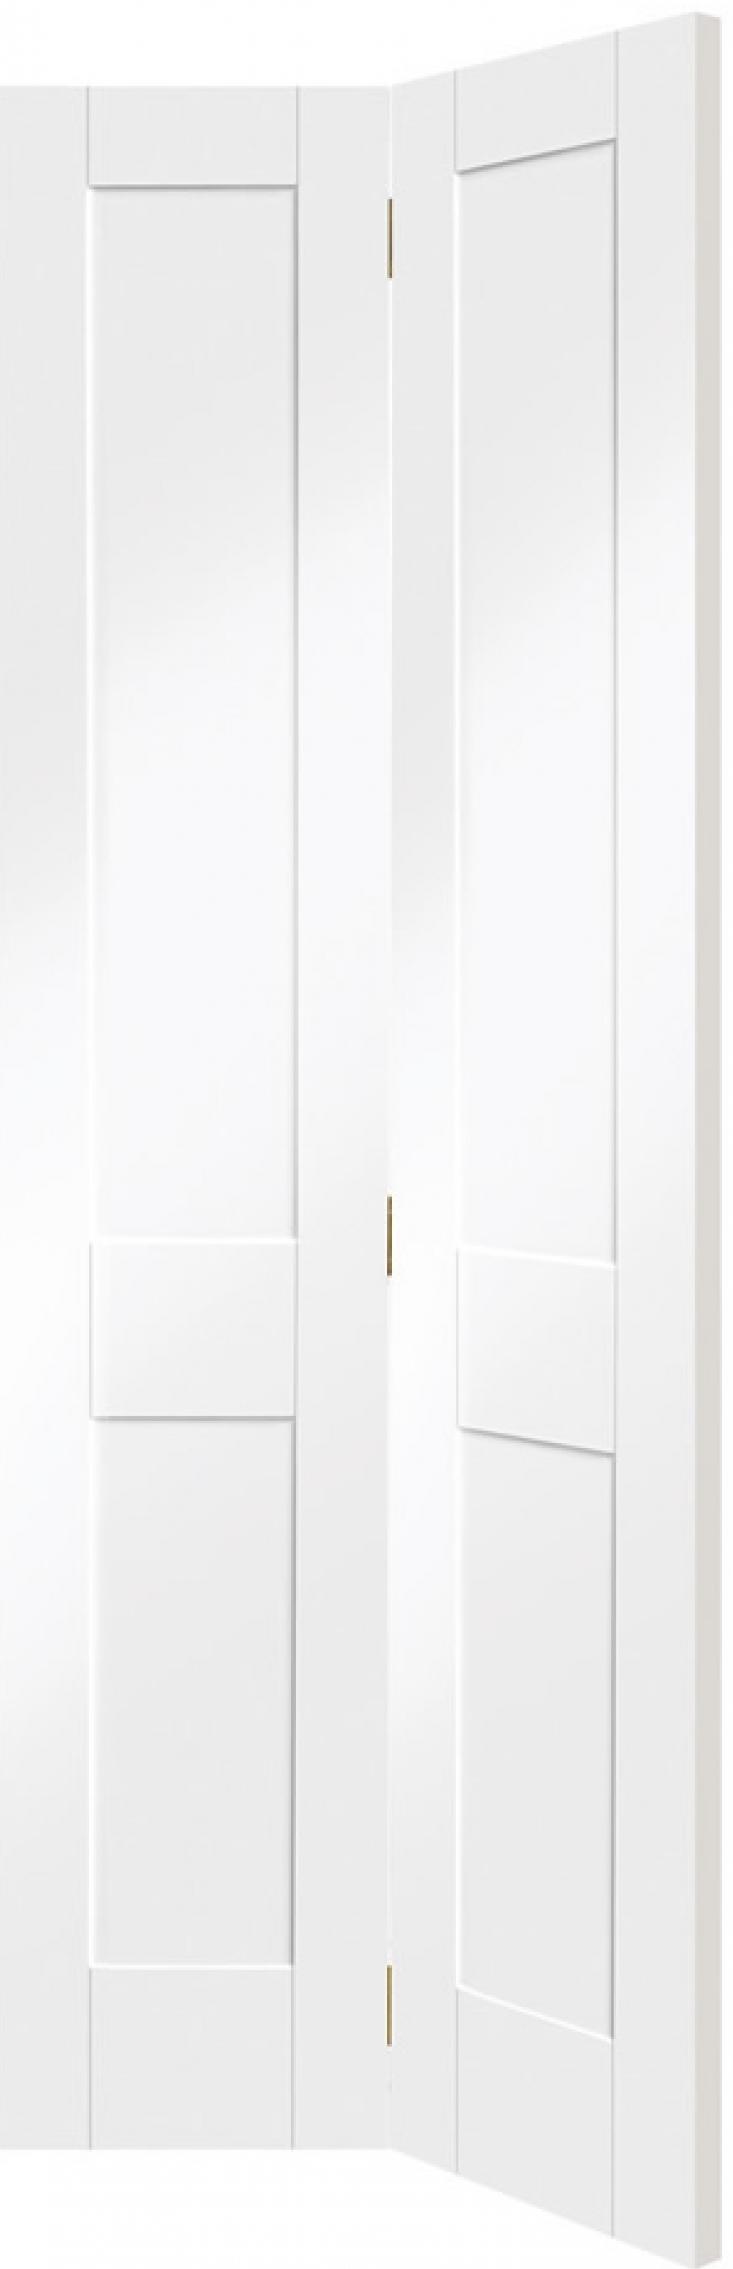 Victorian Shaker White Bifold Door